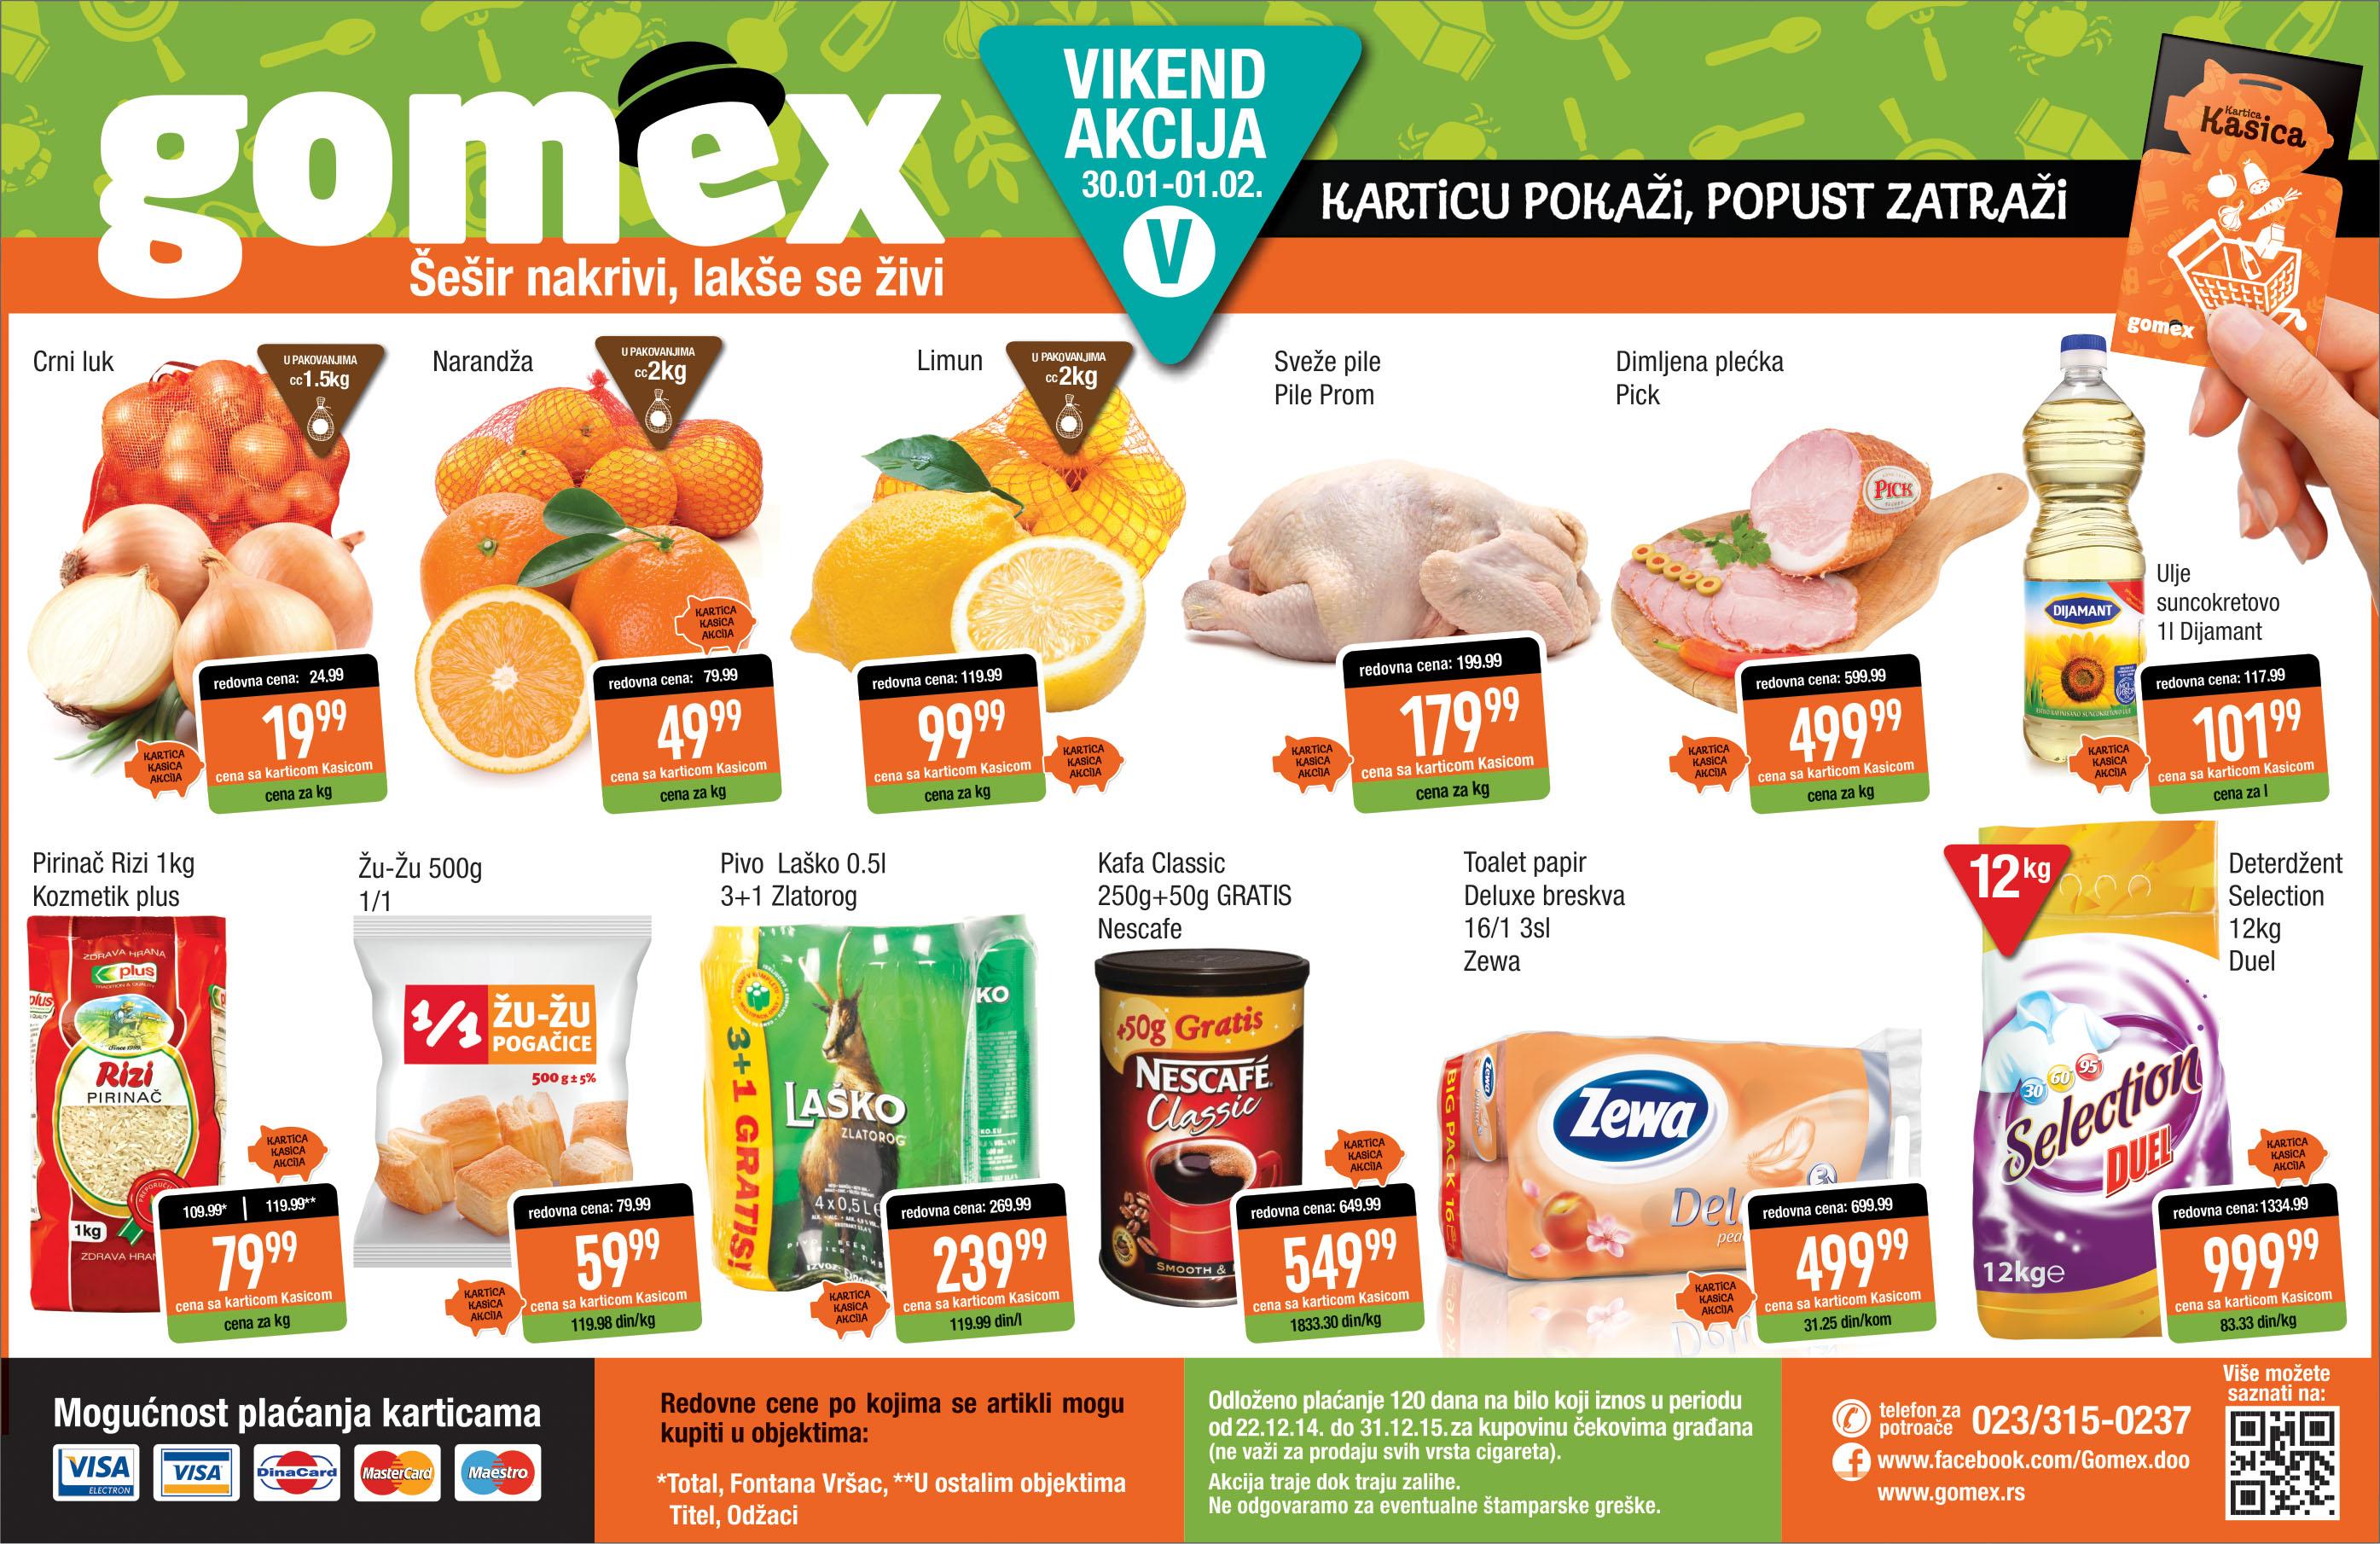 Gomex akcija vikend  sjajne ponude može da počne